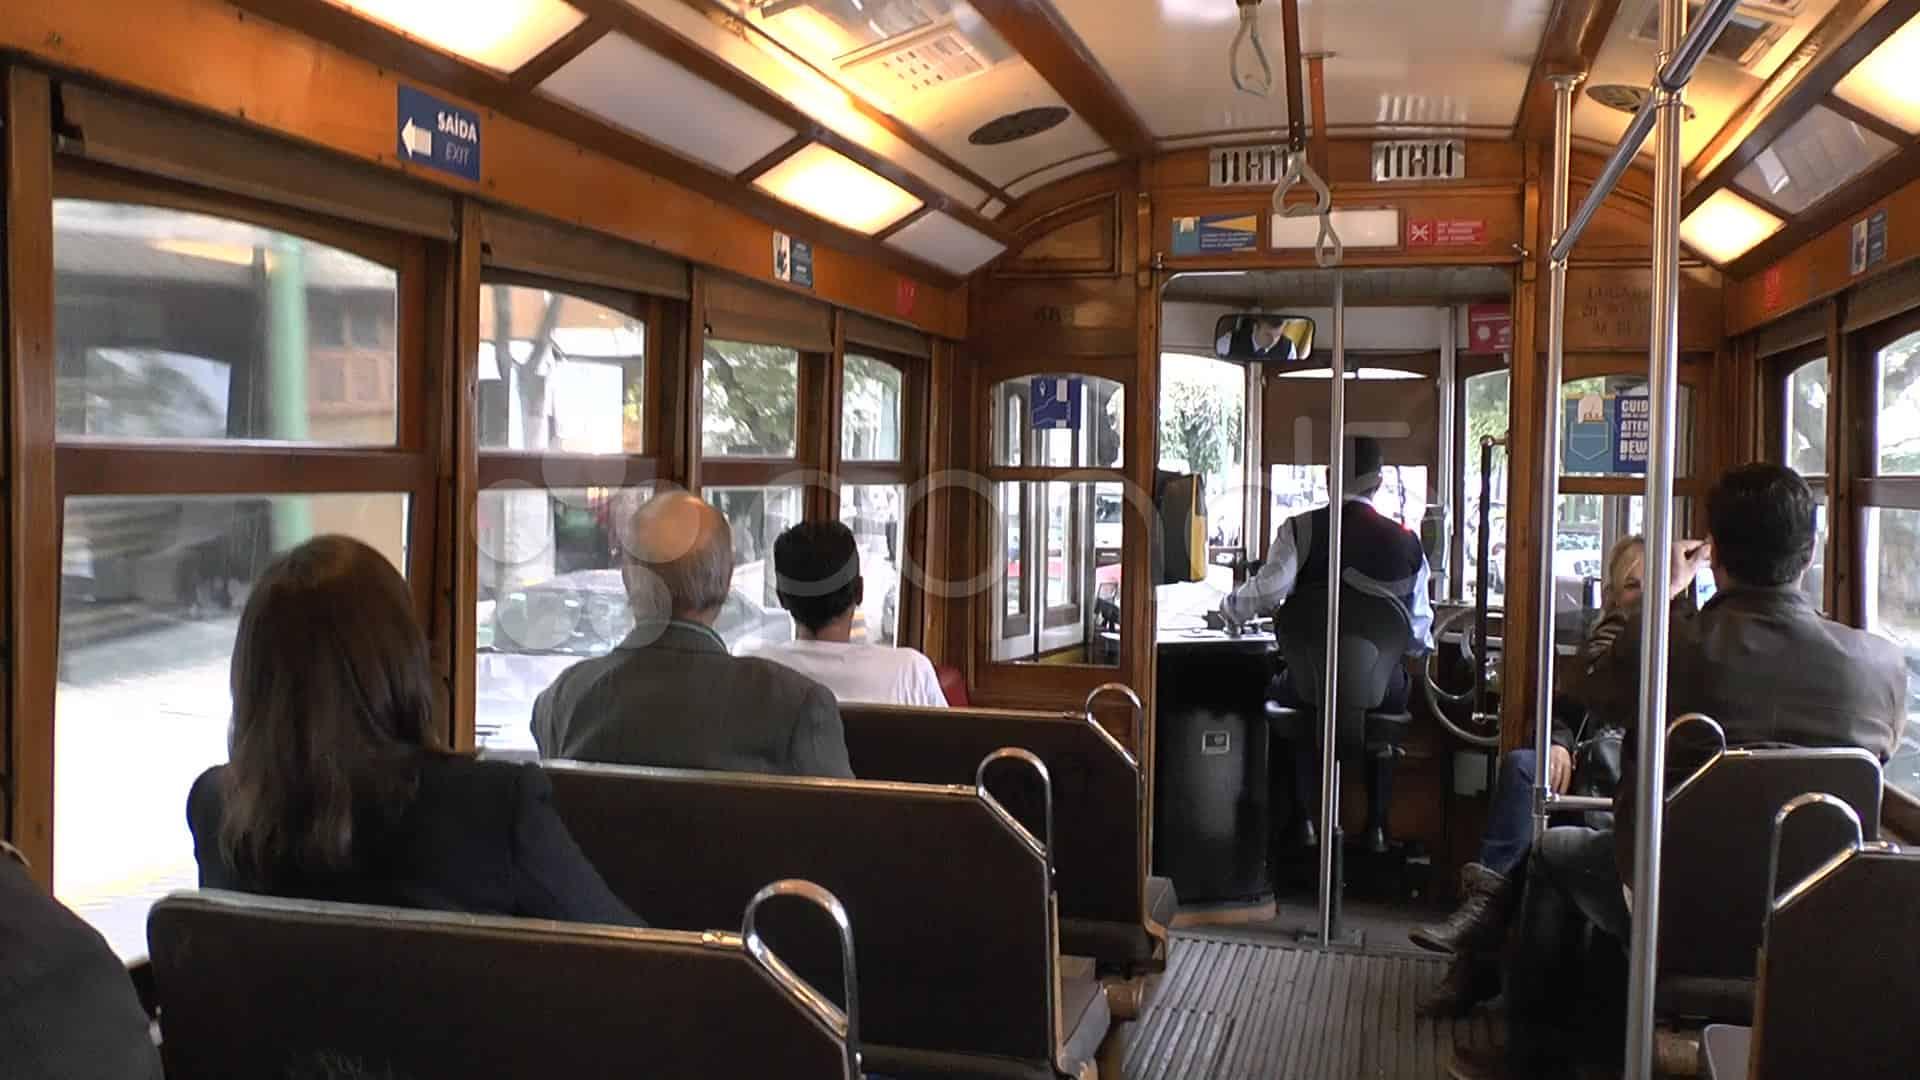 intérieur du tramway 28 de Lisbonne